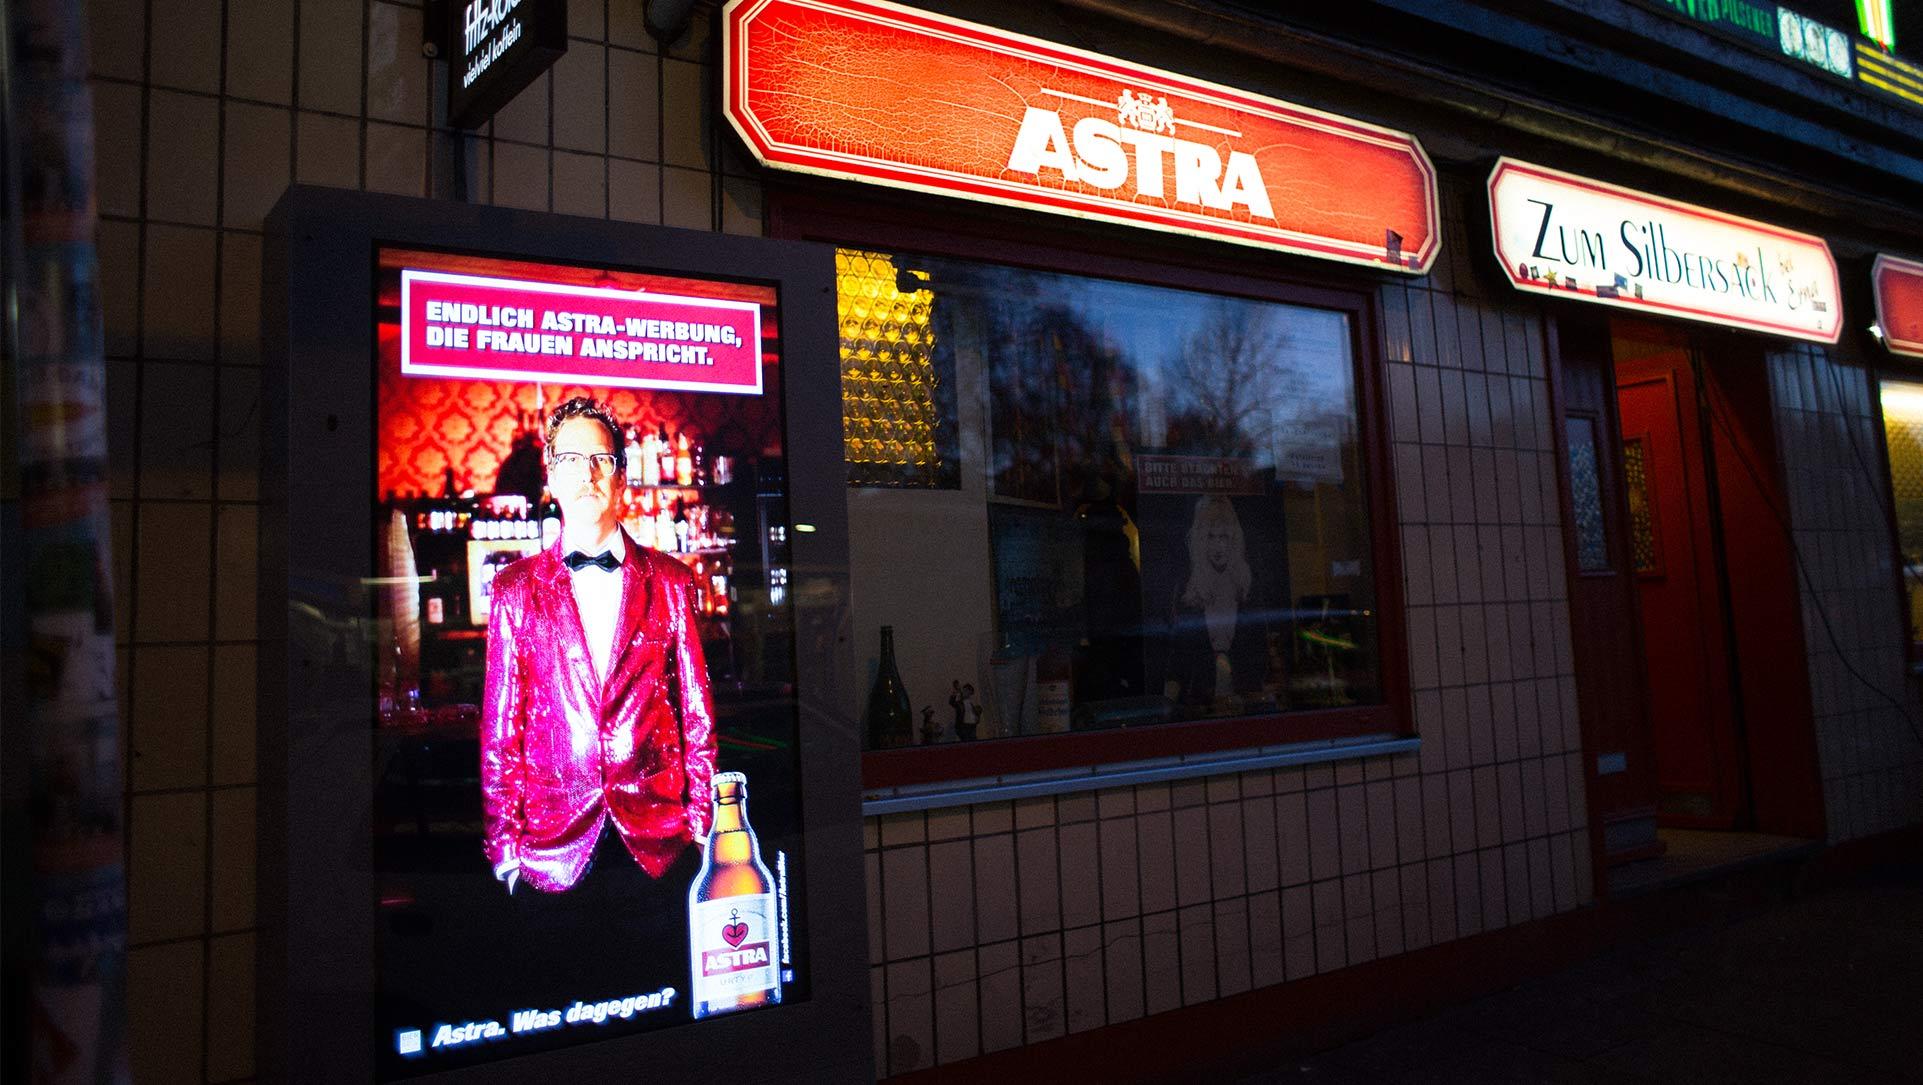 Astra – Das ansprechende Plakat-2